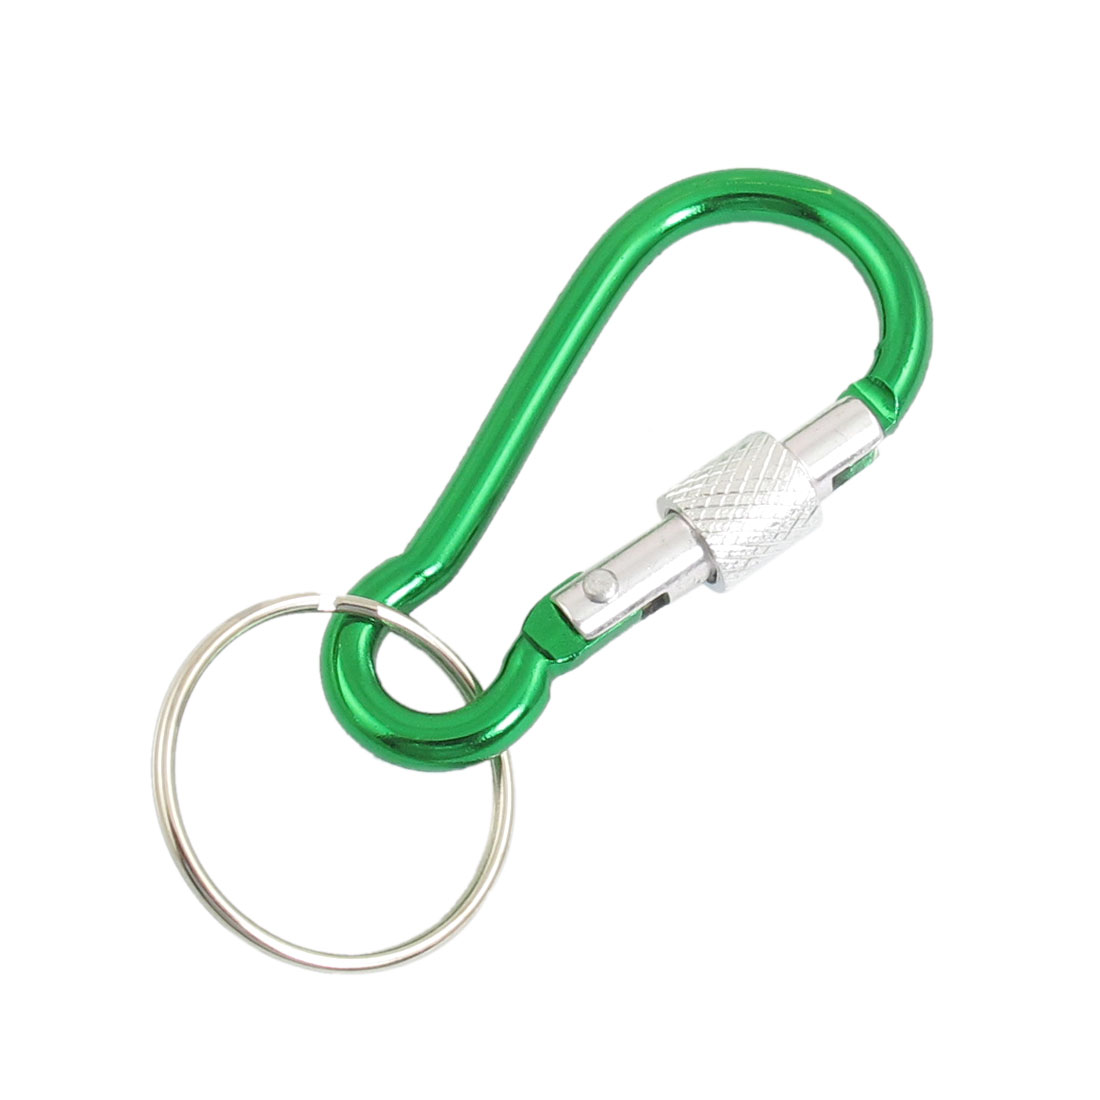 2 x Green Aluminum Alloy 4.3mm Dia Locking Spring Clip Carabiner Keyring Hook